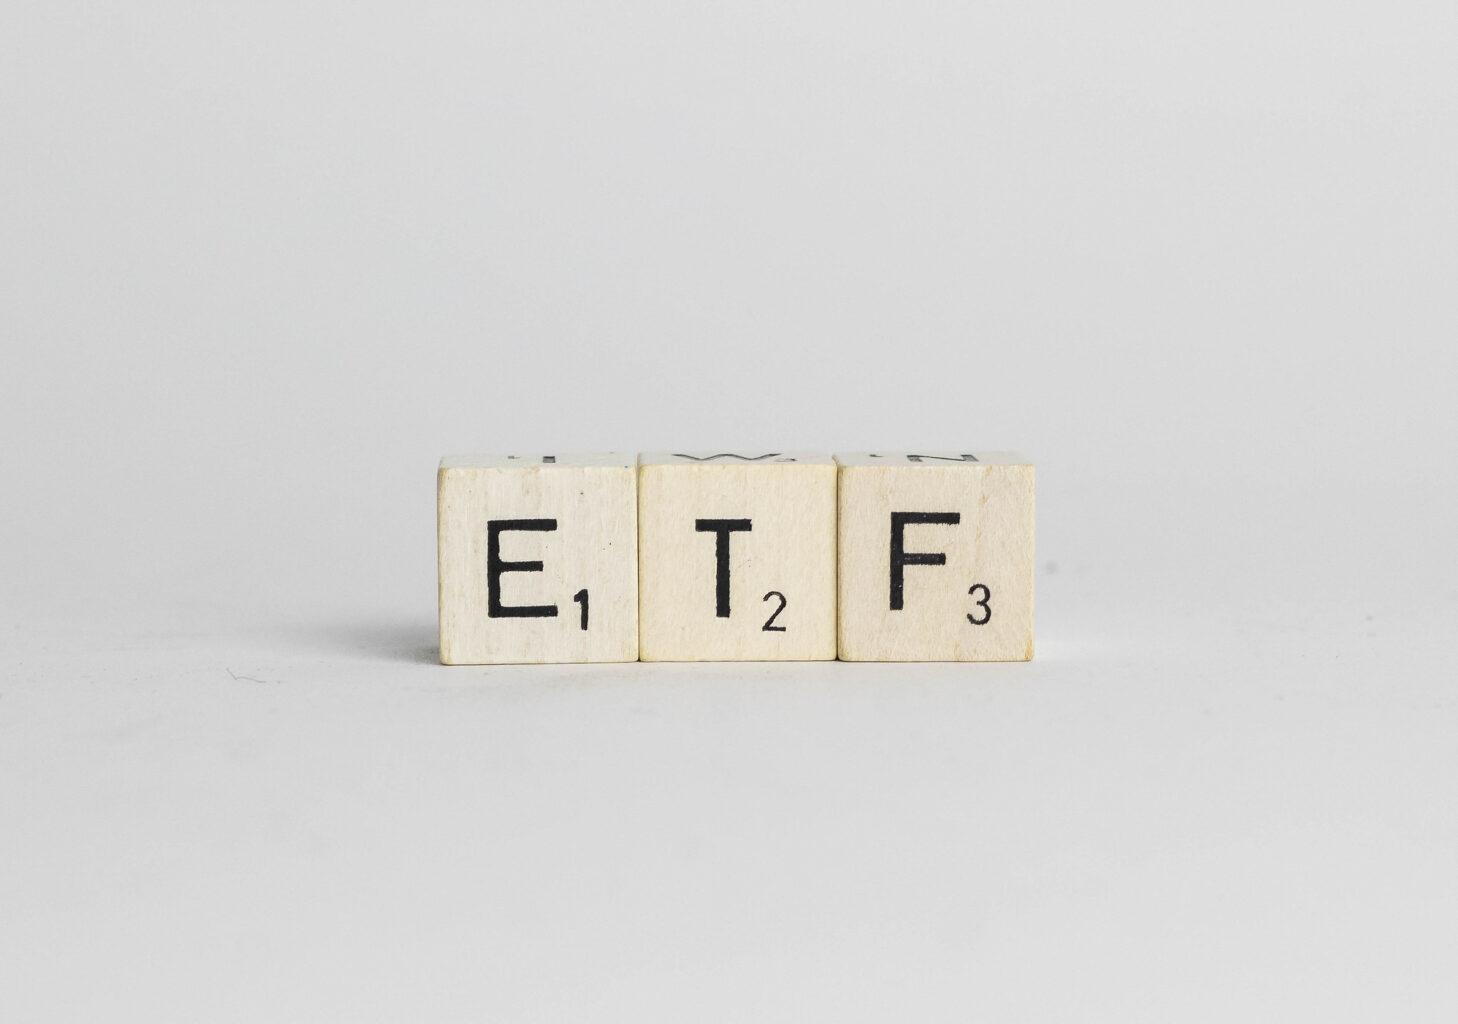 BOVB11: saiba tudo sobre o novo ETF das ações do Ibovespa